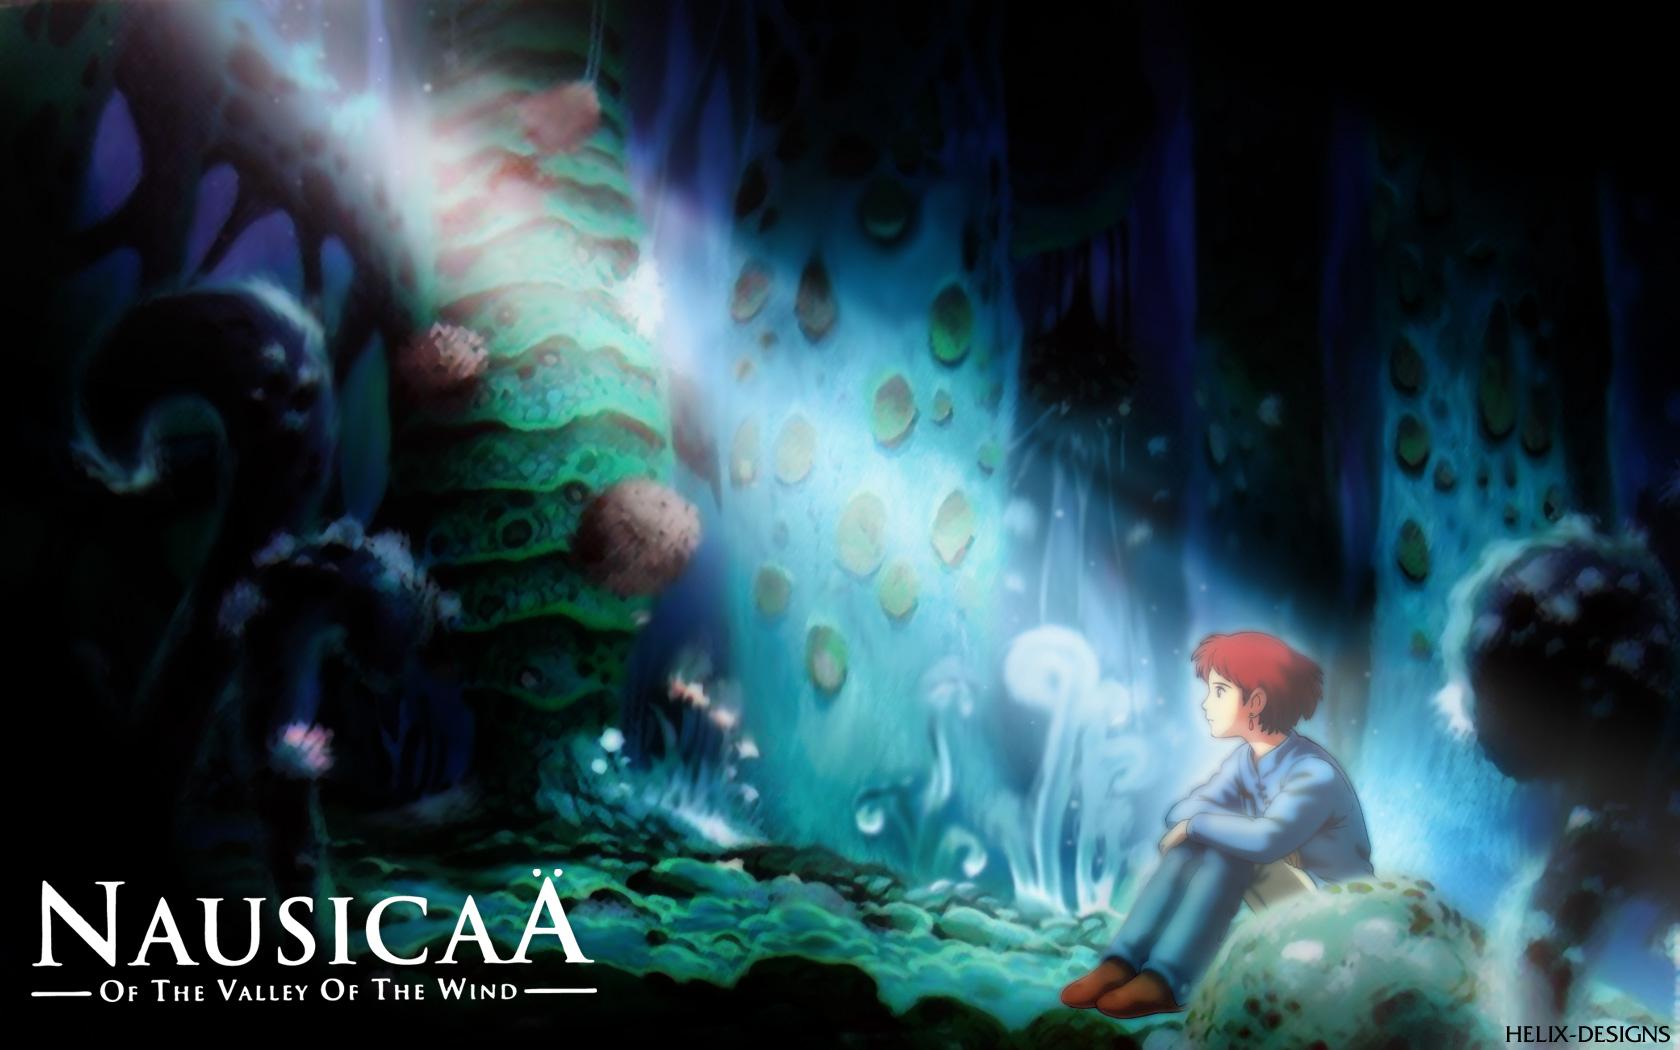 nausicaa-nausicaa-of-the-valley-of-the-wind-33442134-1680-1050